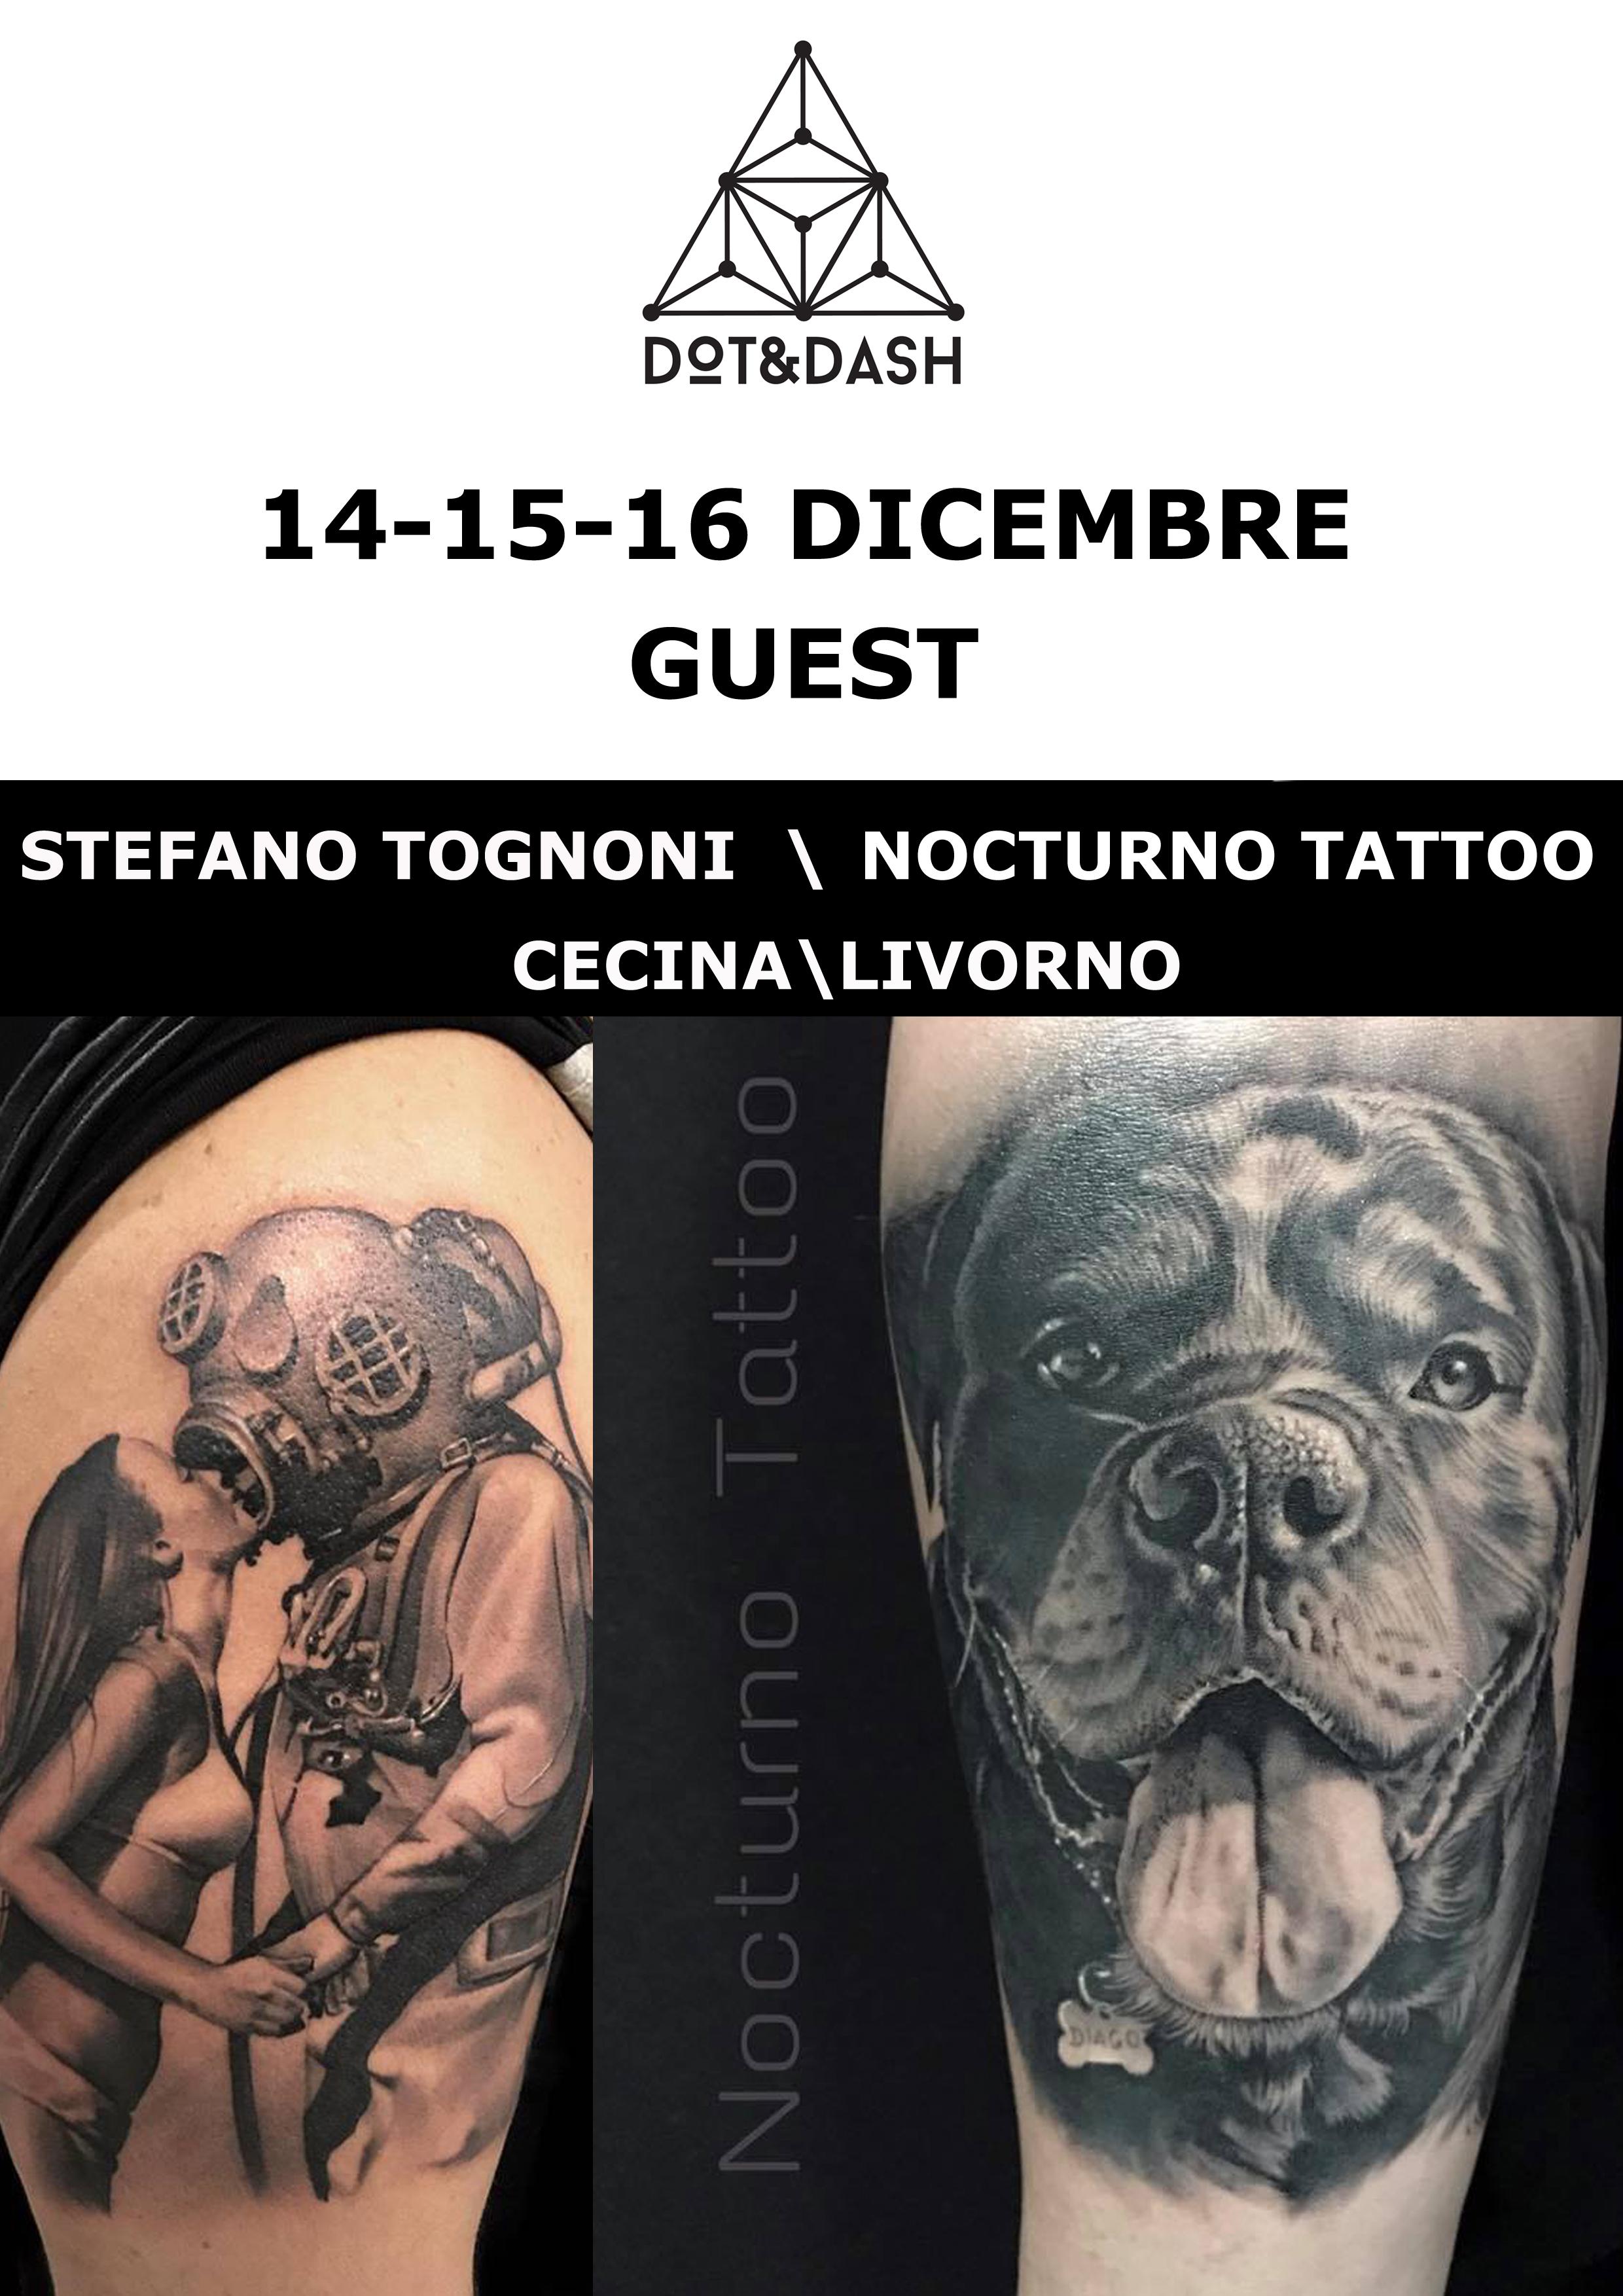 STEFANO TOGNONI\ NOCTURNO TATTOO 14\15\16 dicembre GUEST